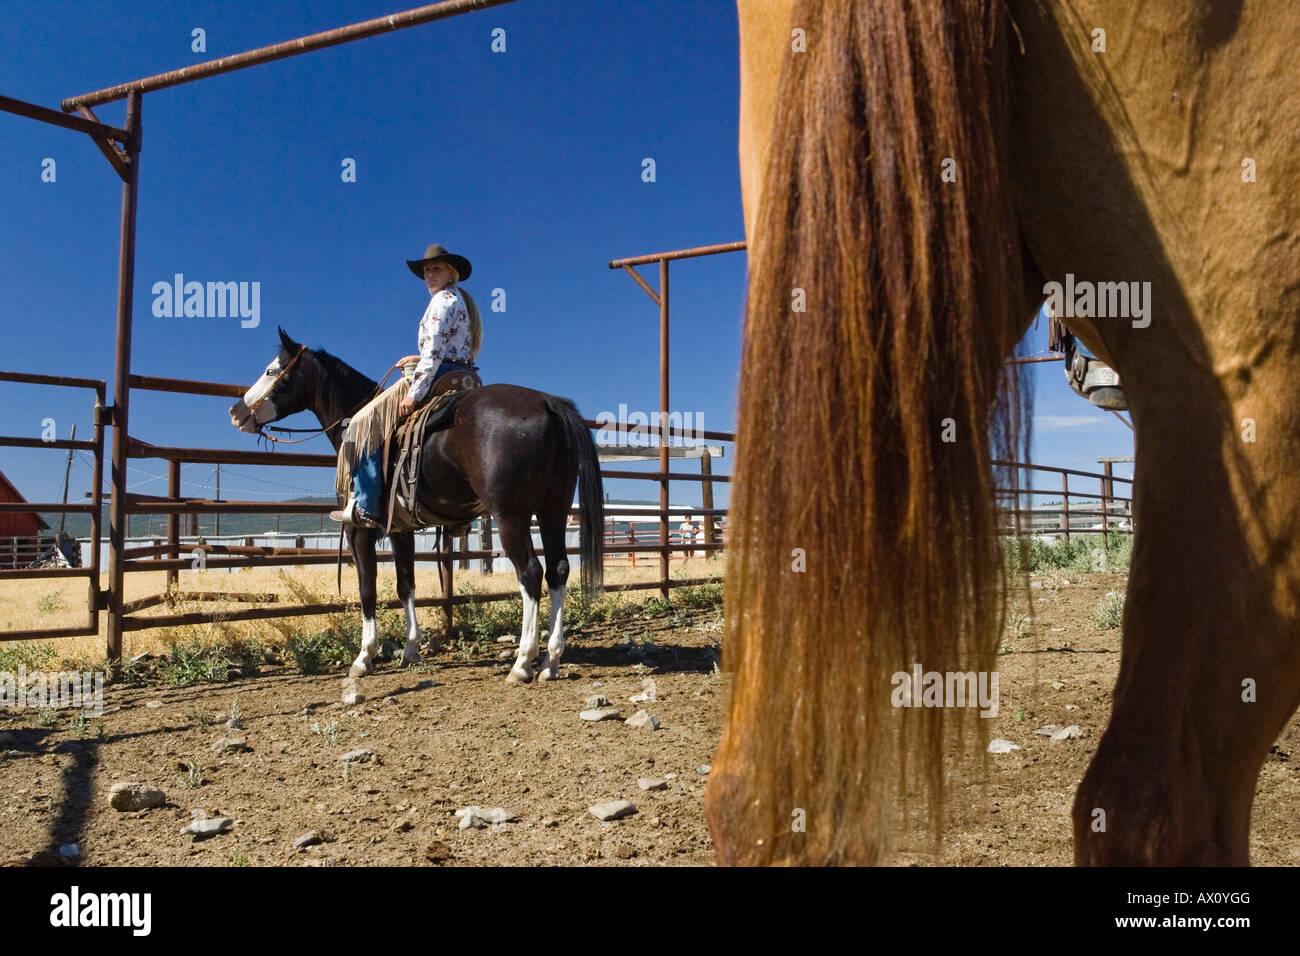 Cowgirl i cowboys e lavorando su ranch, wildwest, Oregon, Stati Uniti d'America Immagini Stock